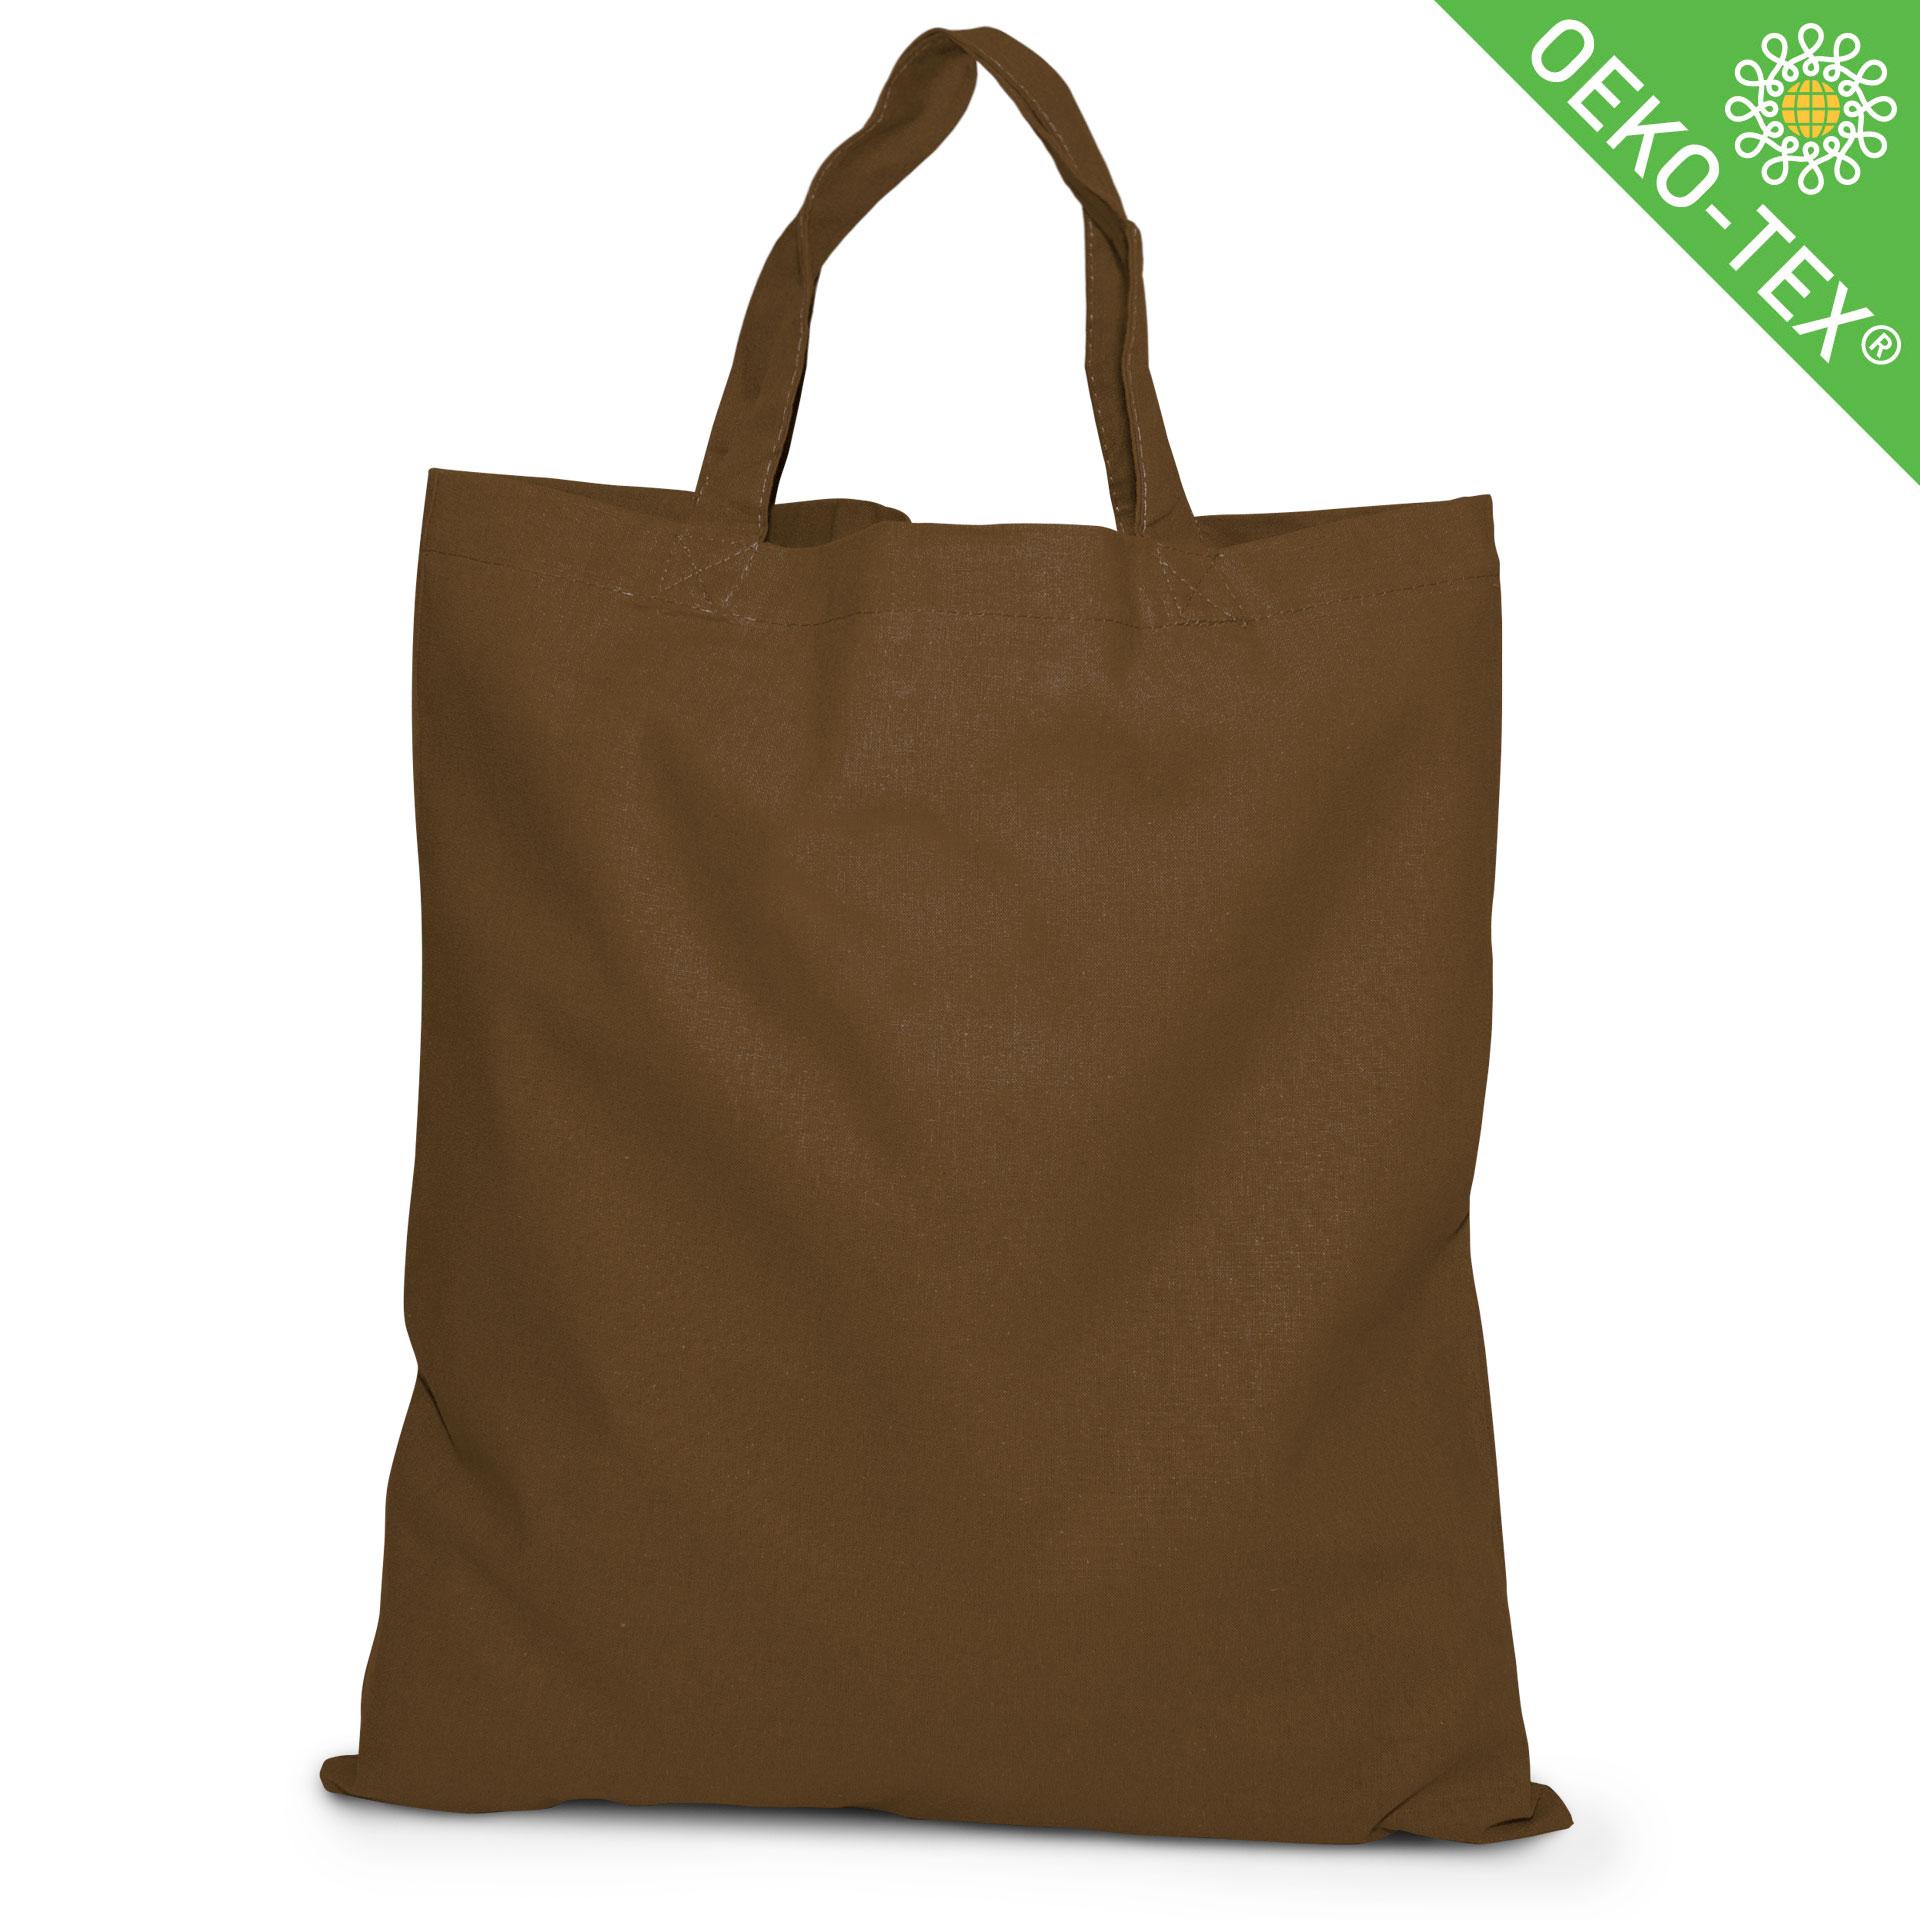 20 Kapstadt Baumwolltasche mit kurzen Henkeln, Farbe: braun